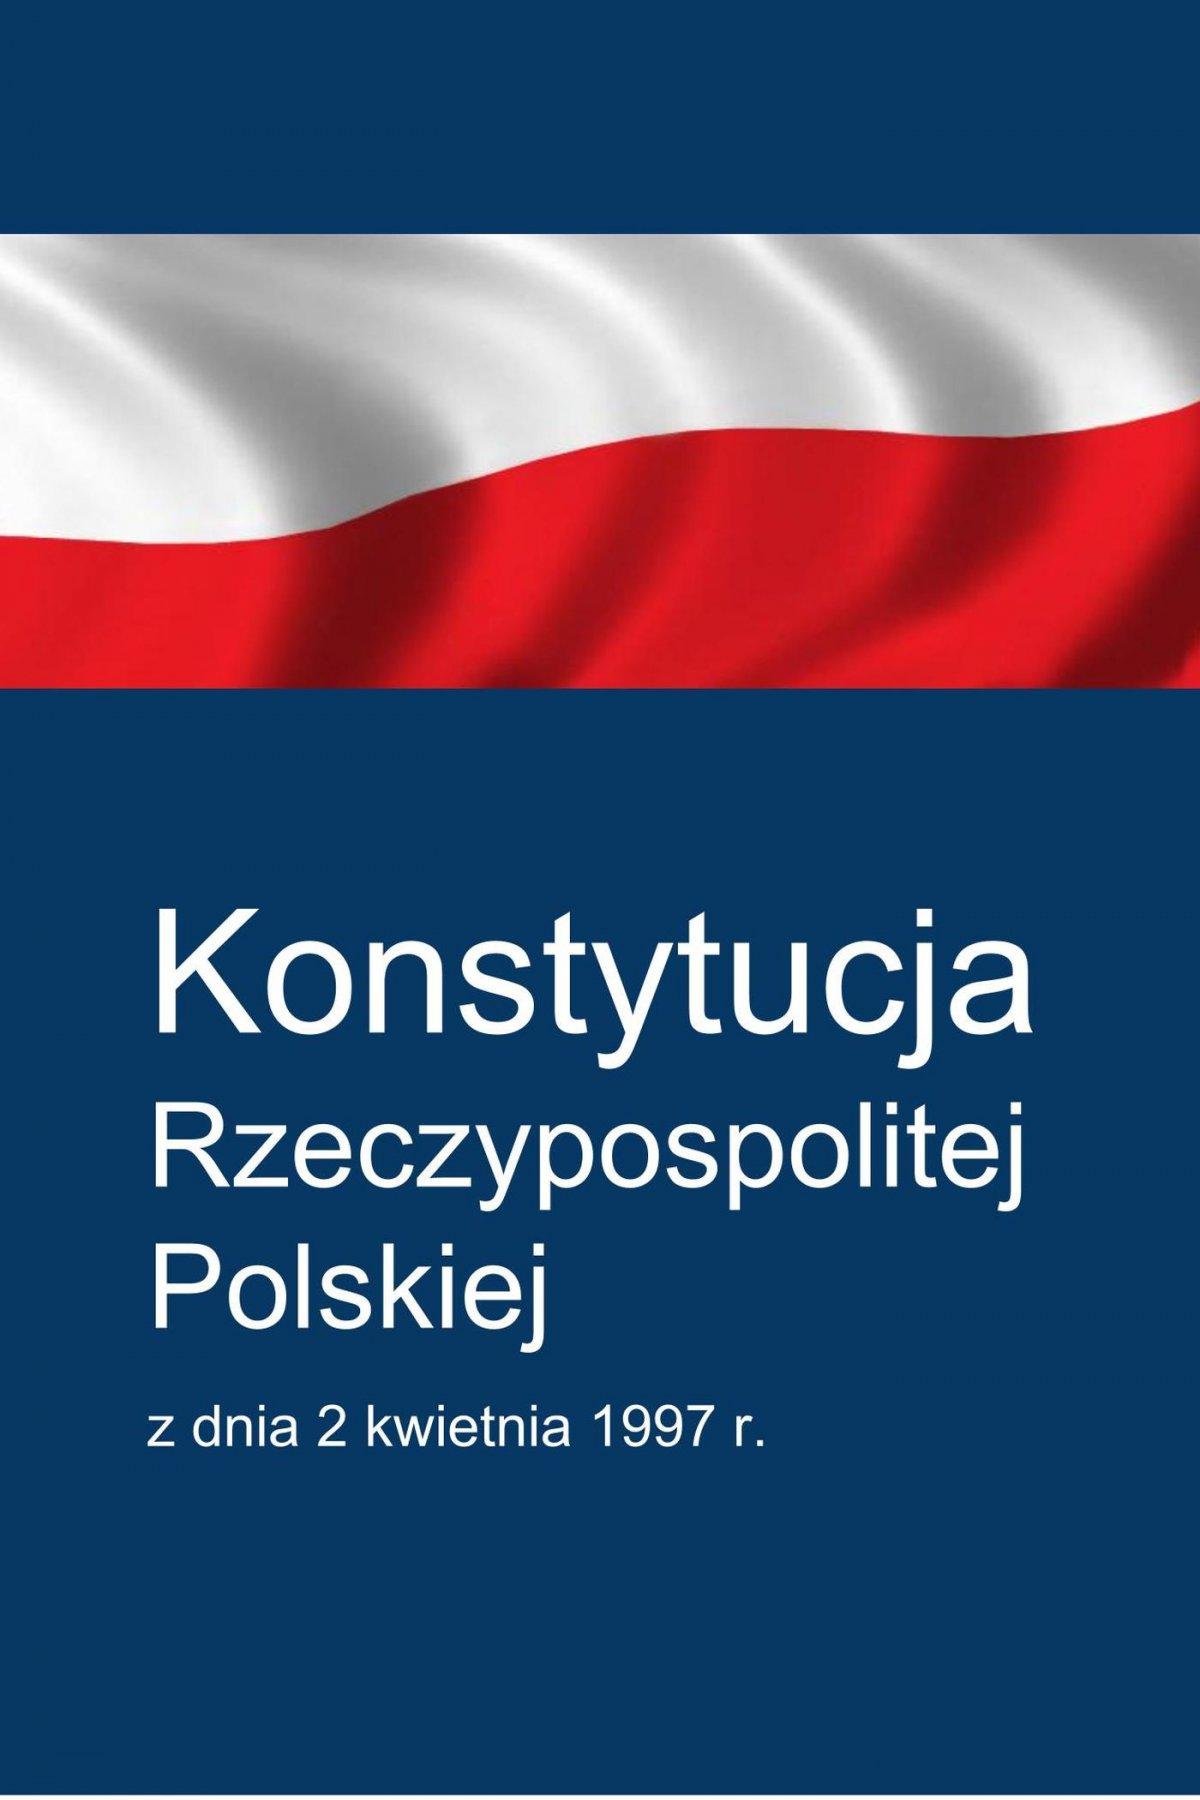 Konstytucja Rzeczypospolitej Polskiej - Ebook (Książka EPUB) do pobrania w formacie EPUB